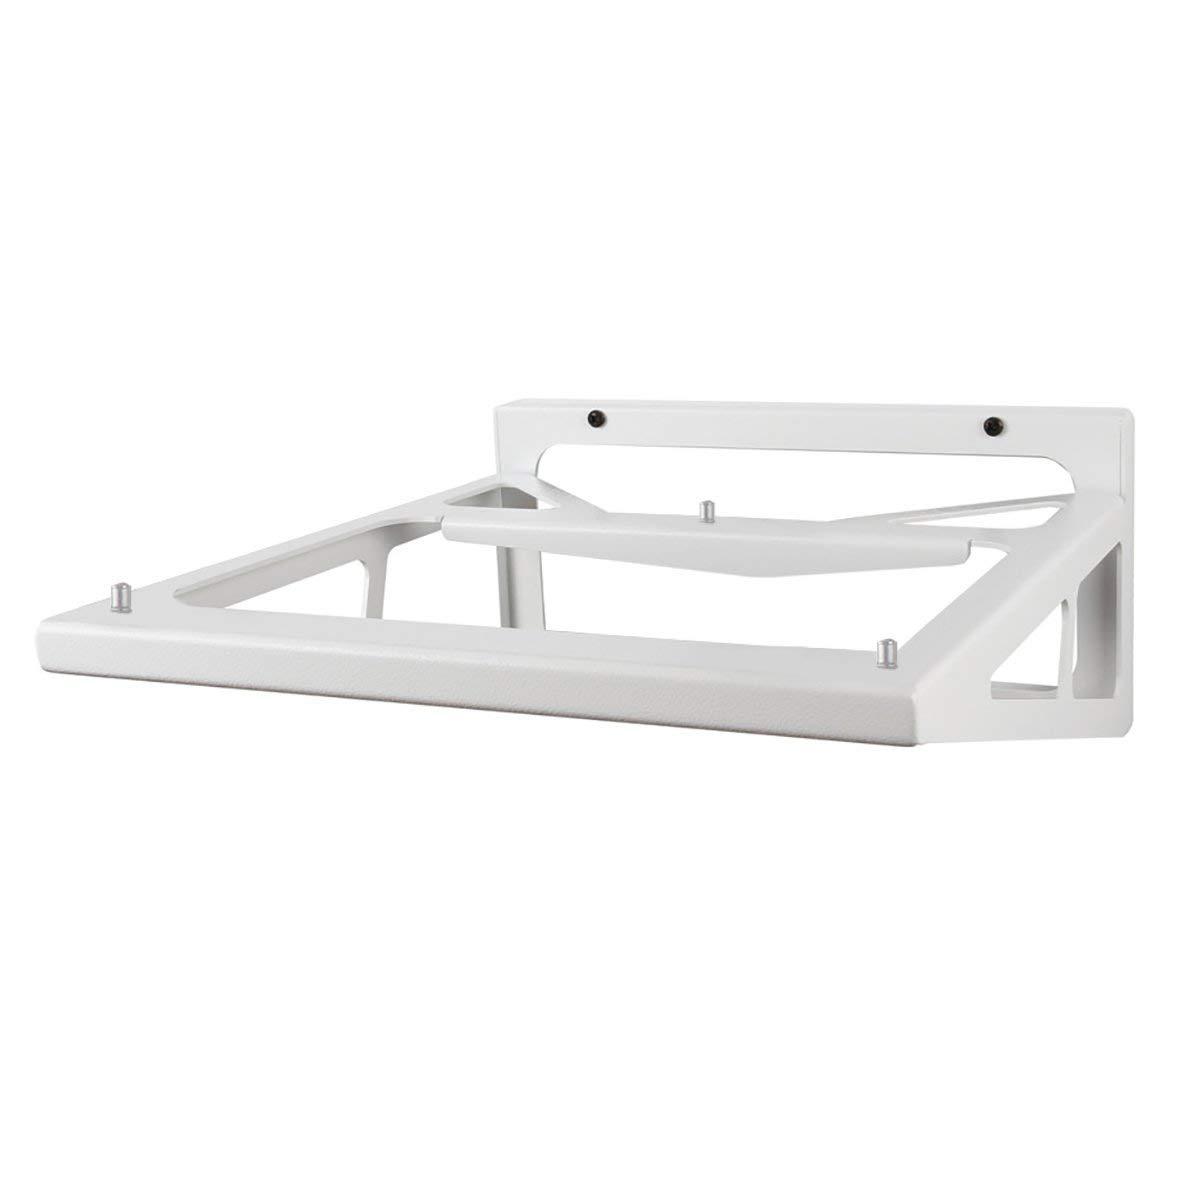 Rega - Soporte de pared para tocadiscos, color blanco: Amazon.es ...